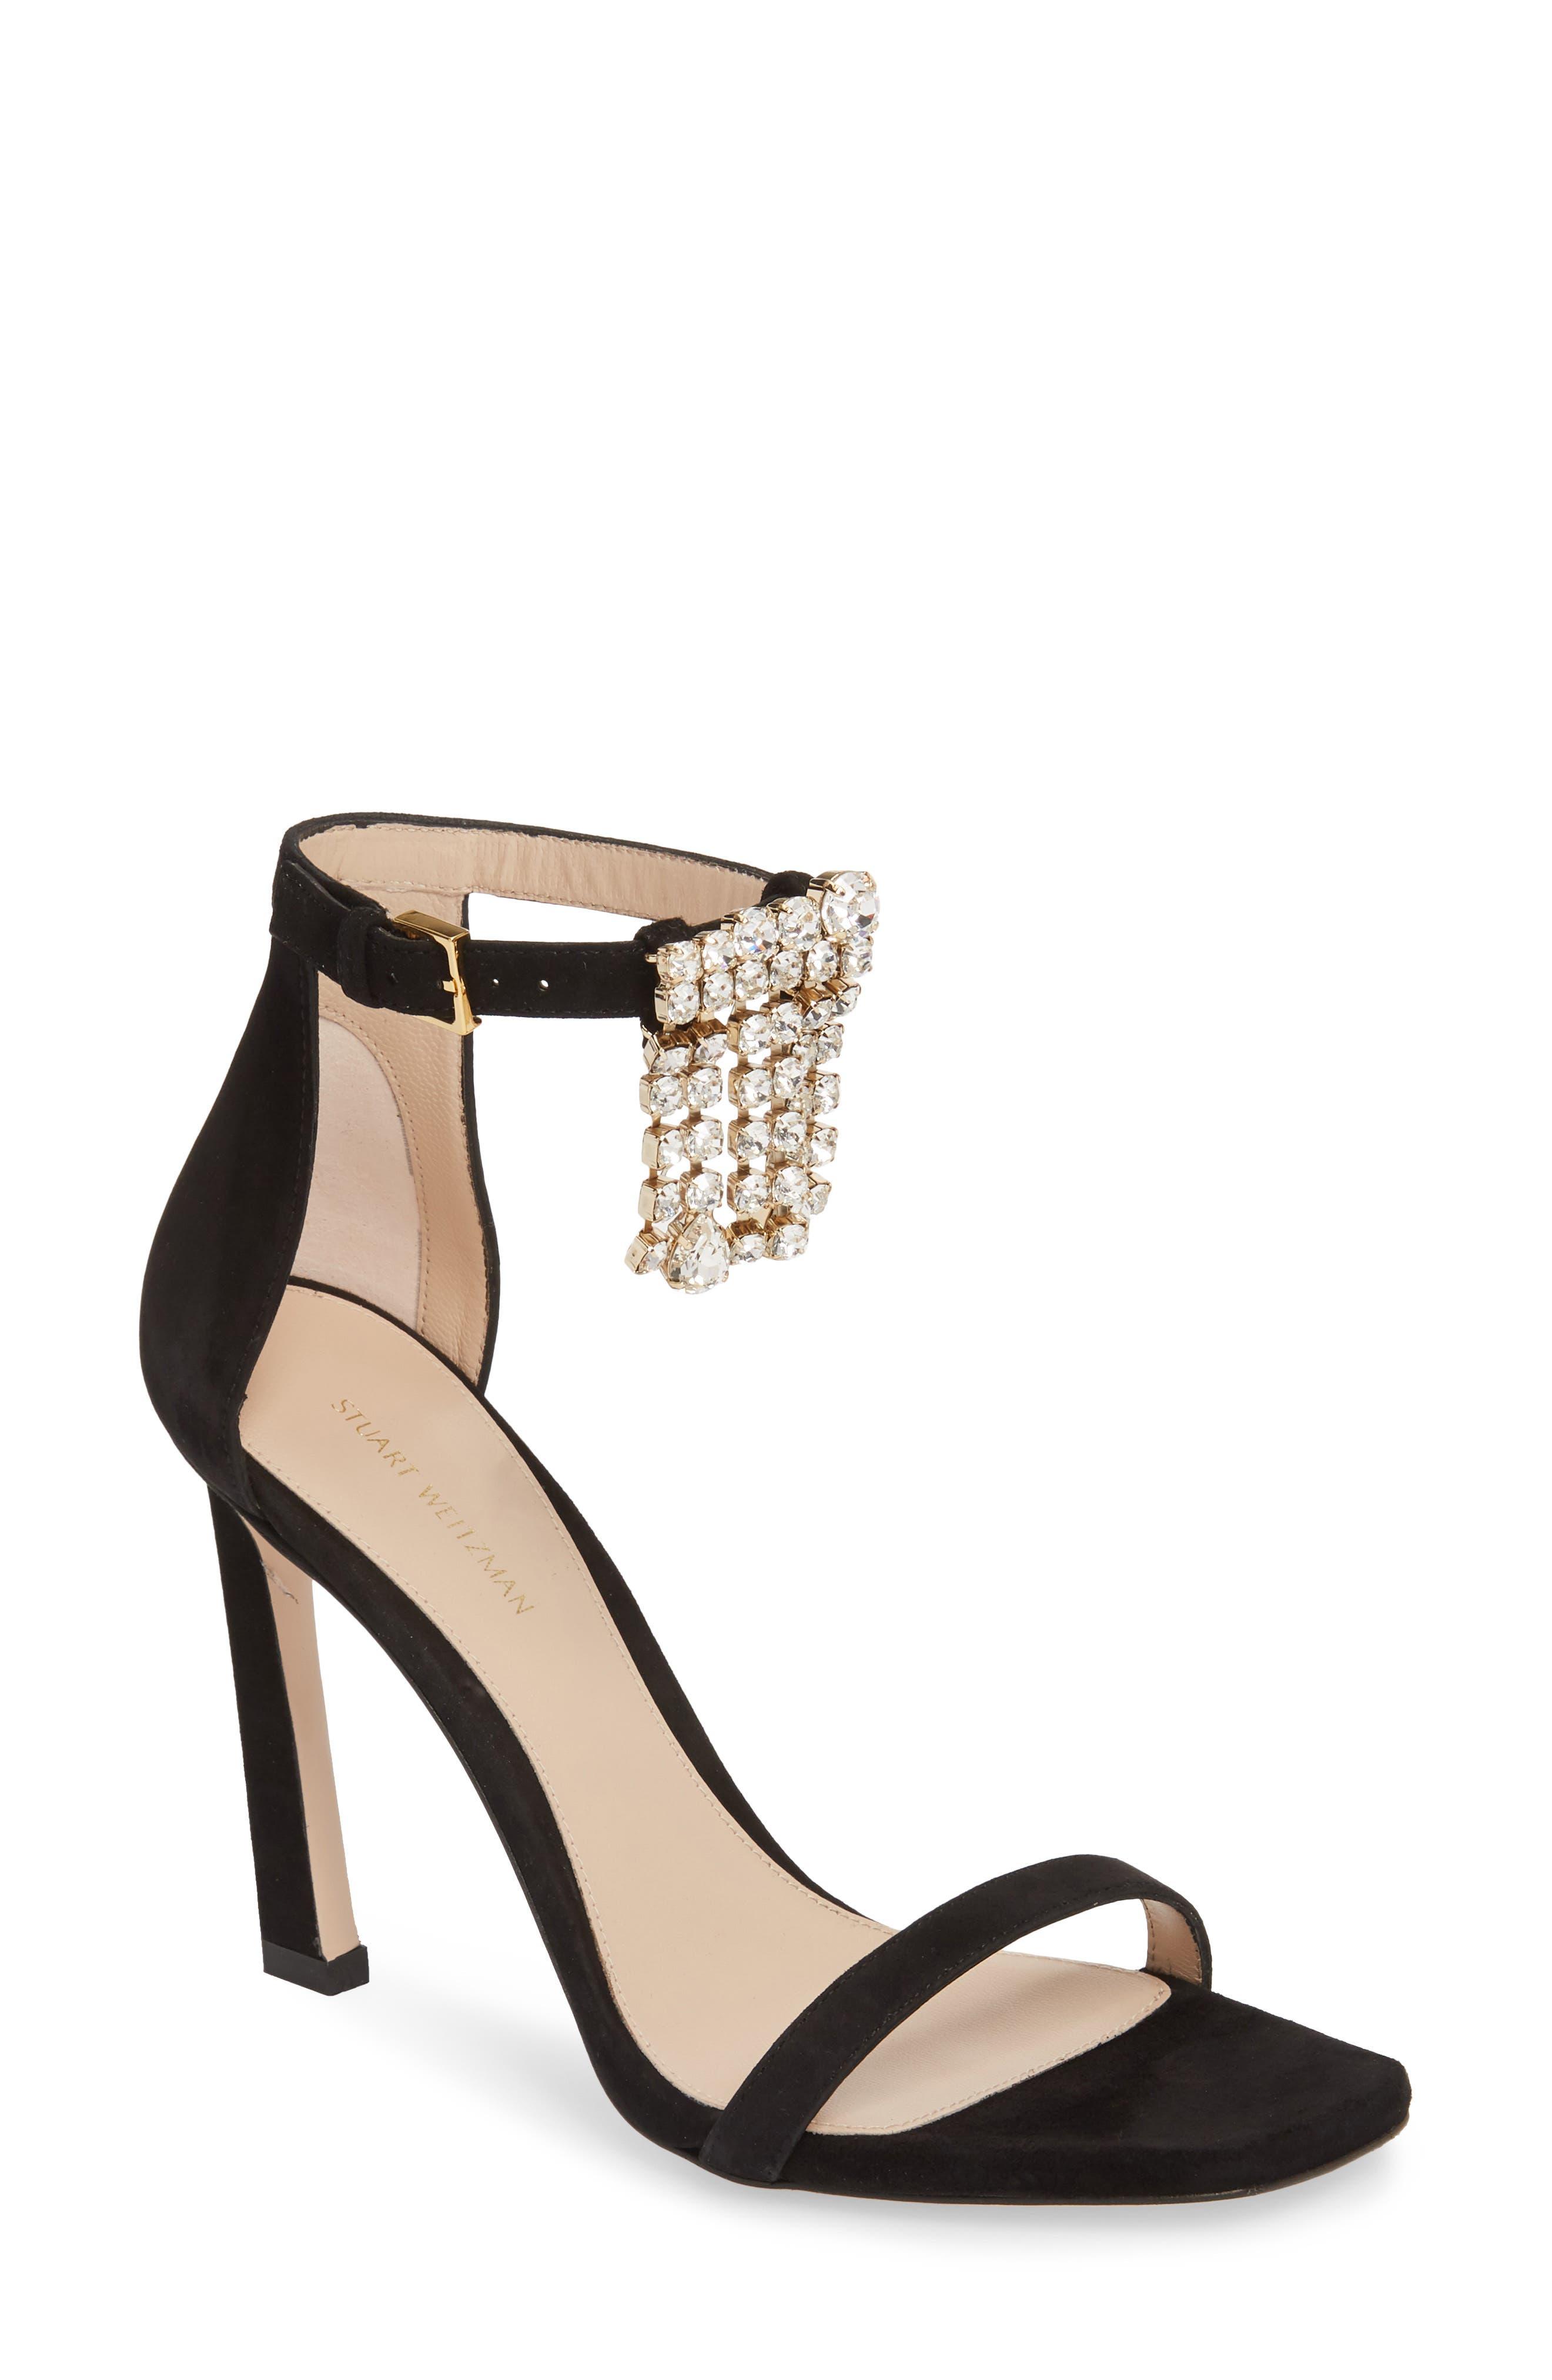 100FRINGESQUARENUDIST Sandal,                         Main,                         color, Black Suede